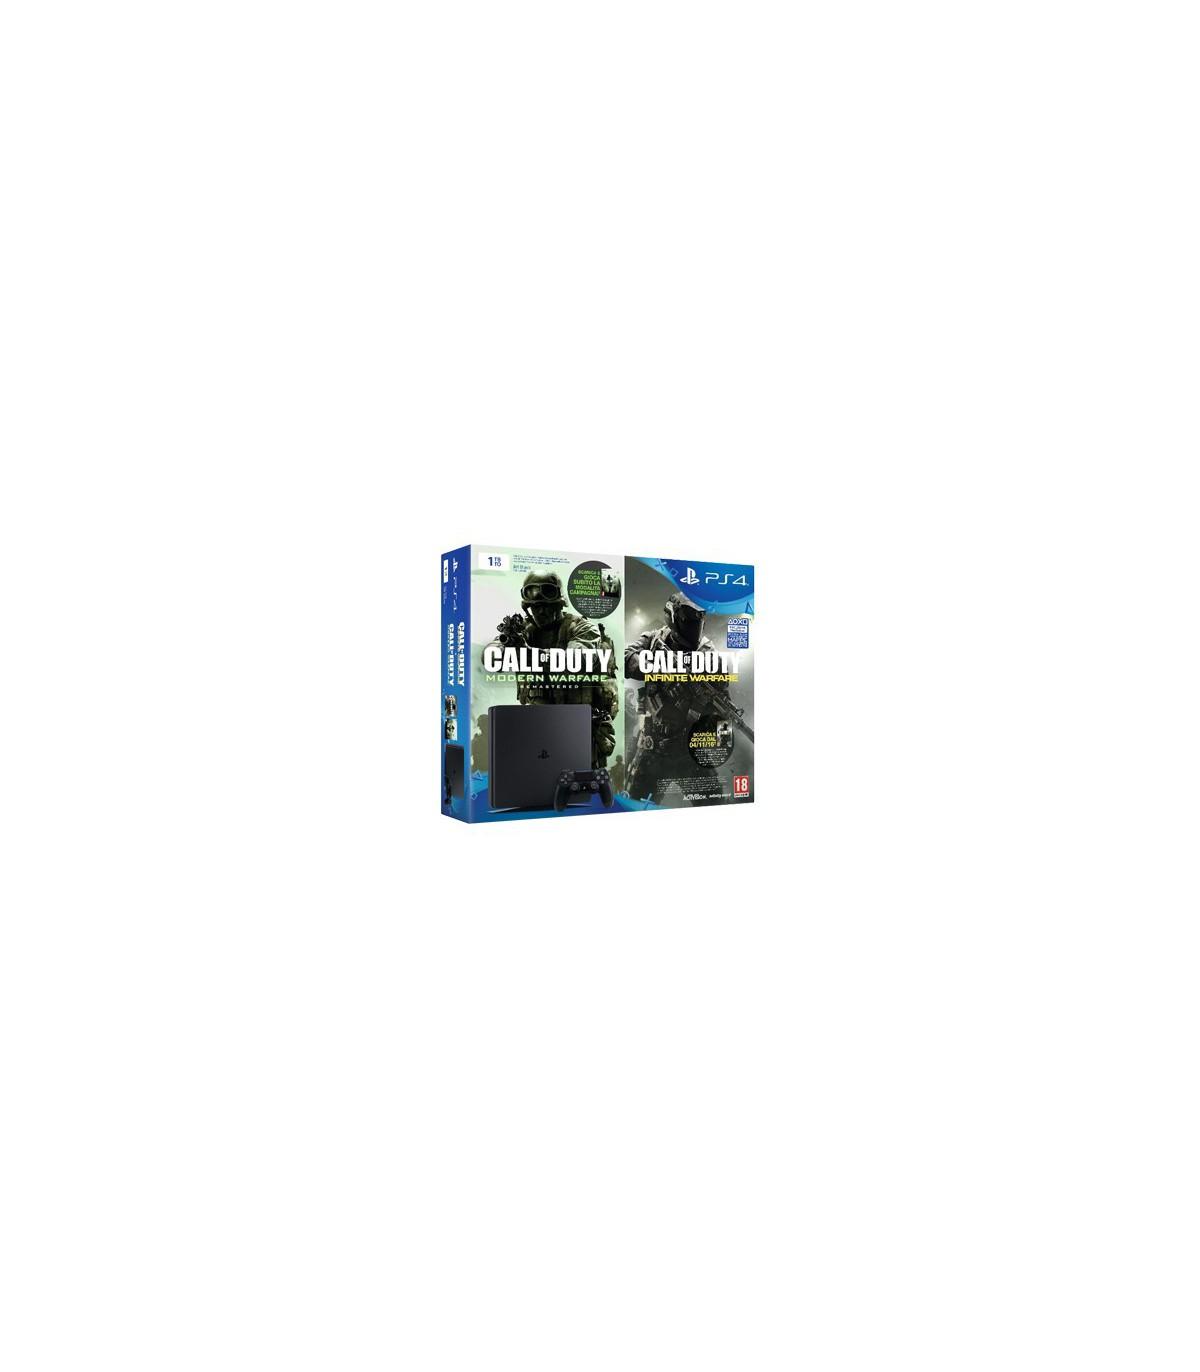 Playstation 4 Slim Region 2 -1TB به همراه کد دانلودی کالاف اینفینیت